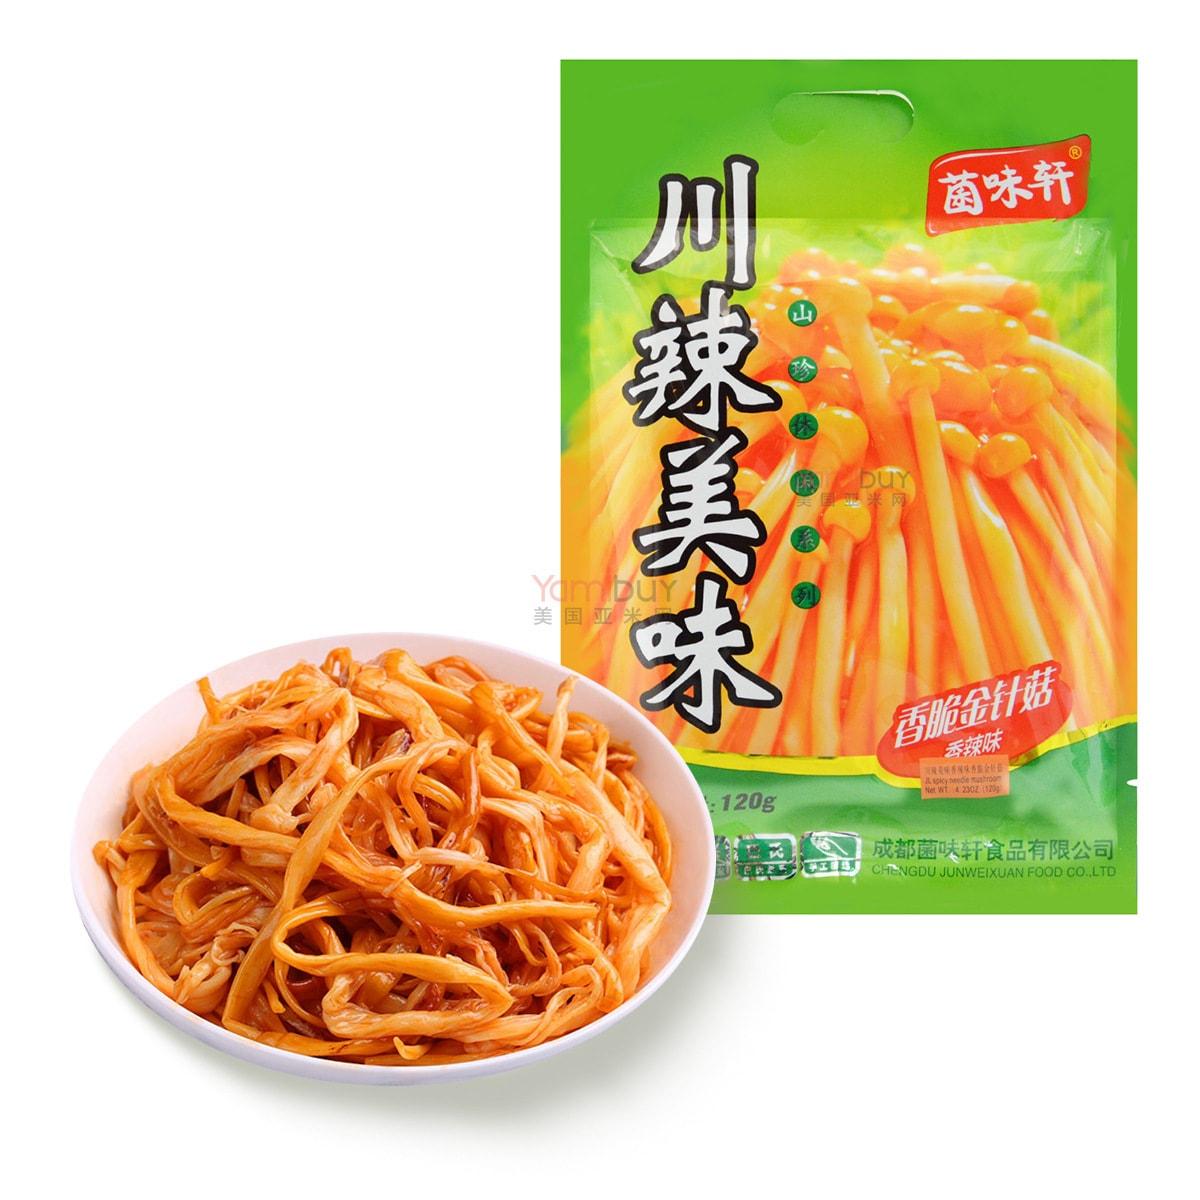 菌味轩 川辣美味 香脆金针菇 香辣味 120g